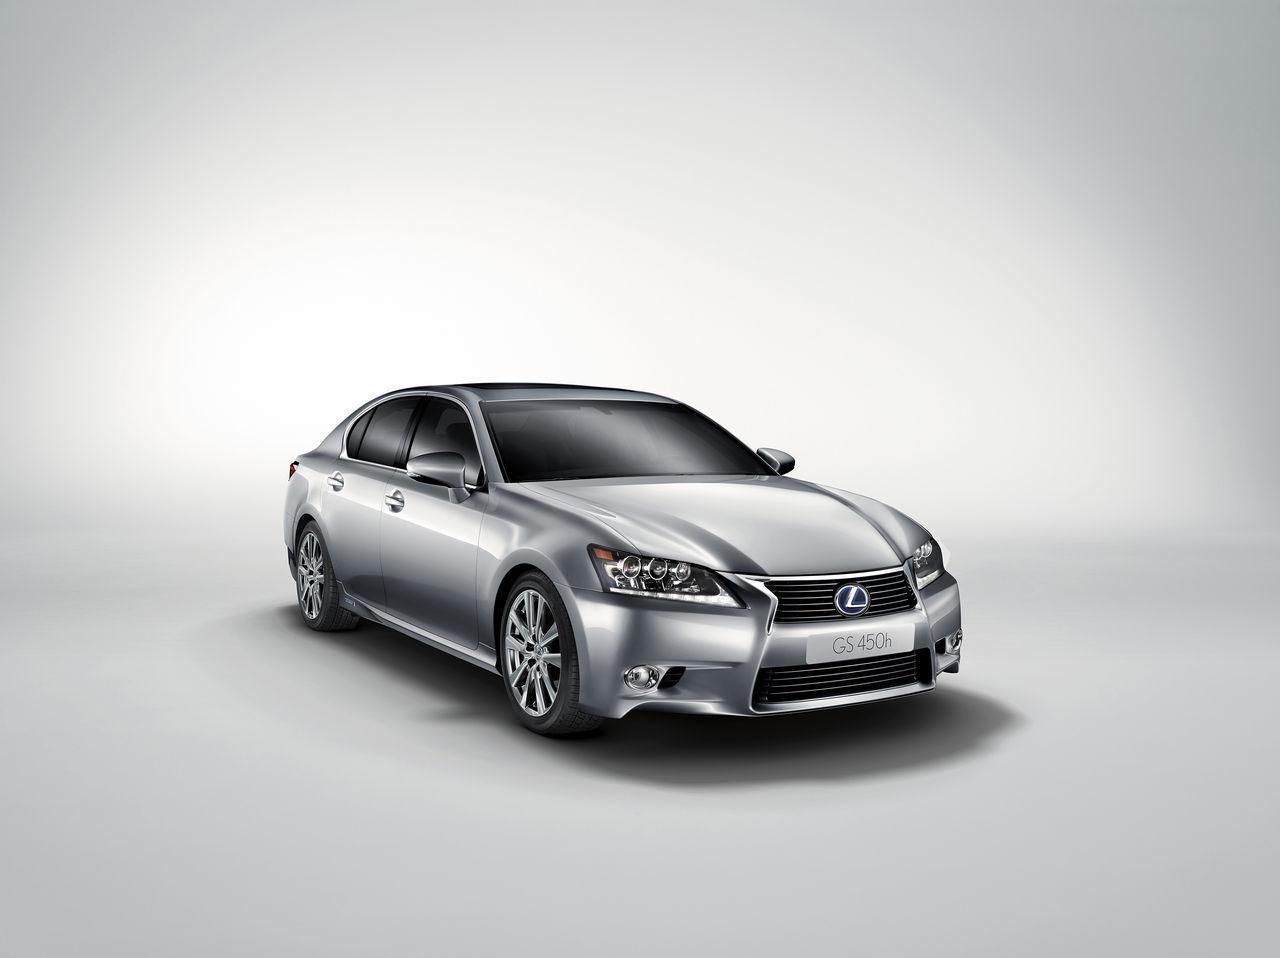 Foto de Lexus GS 450h (2012) (2/62)